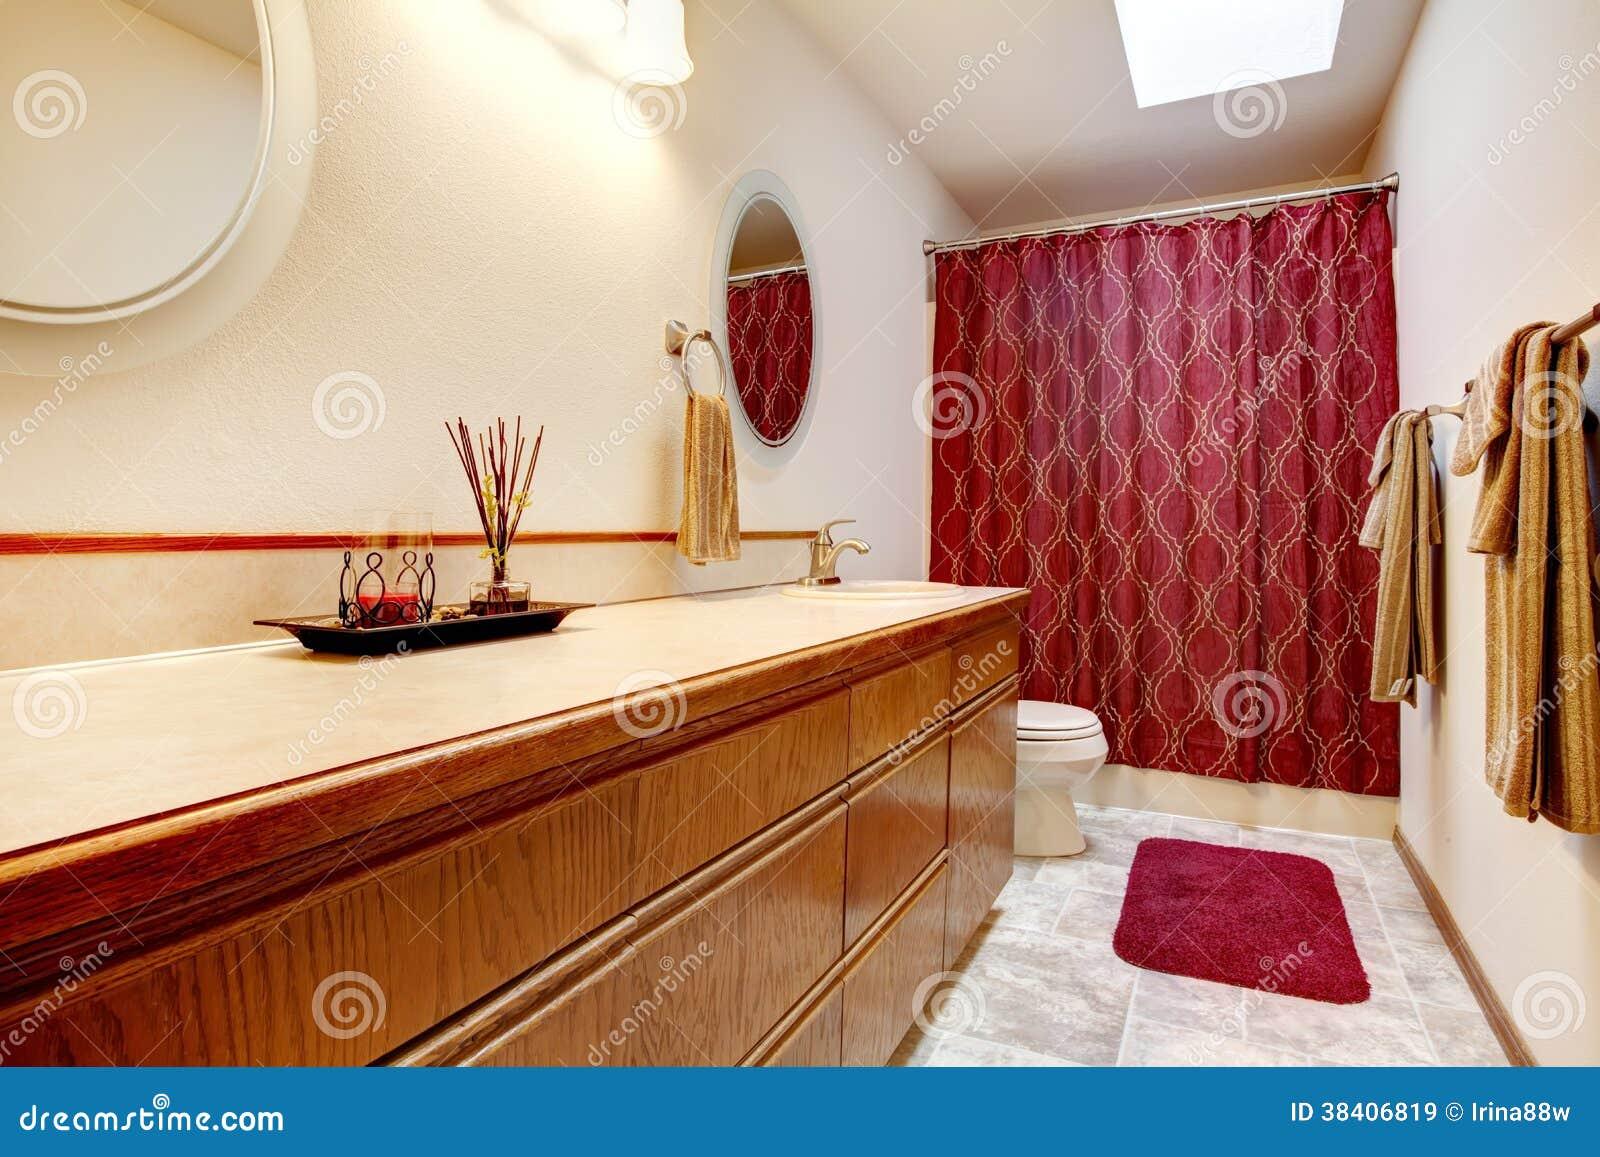 Gemütliches Badezimmer Mit Roter Wolldecke Und Vorhängen Stockbild ...